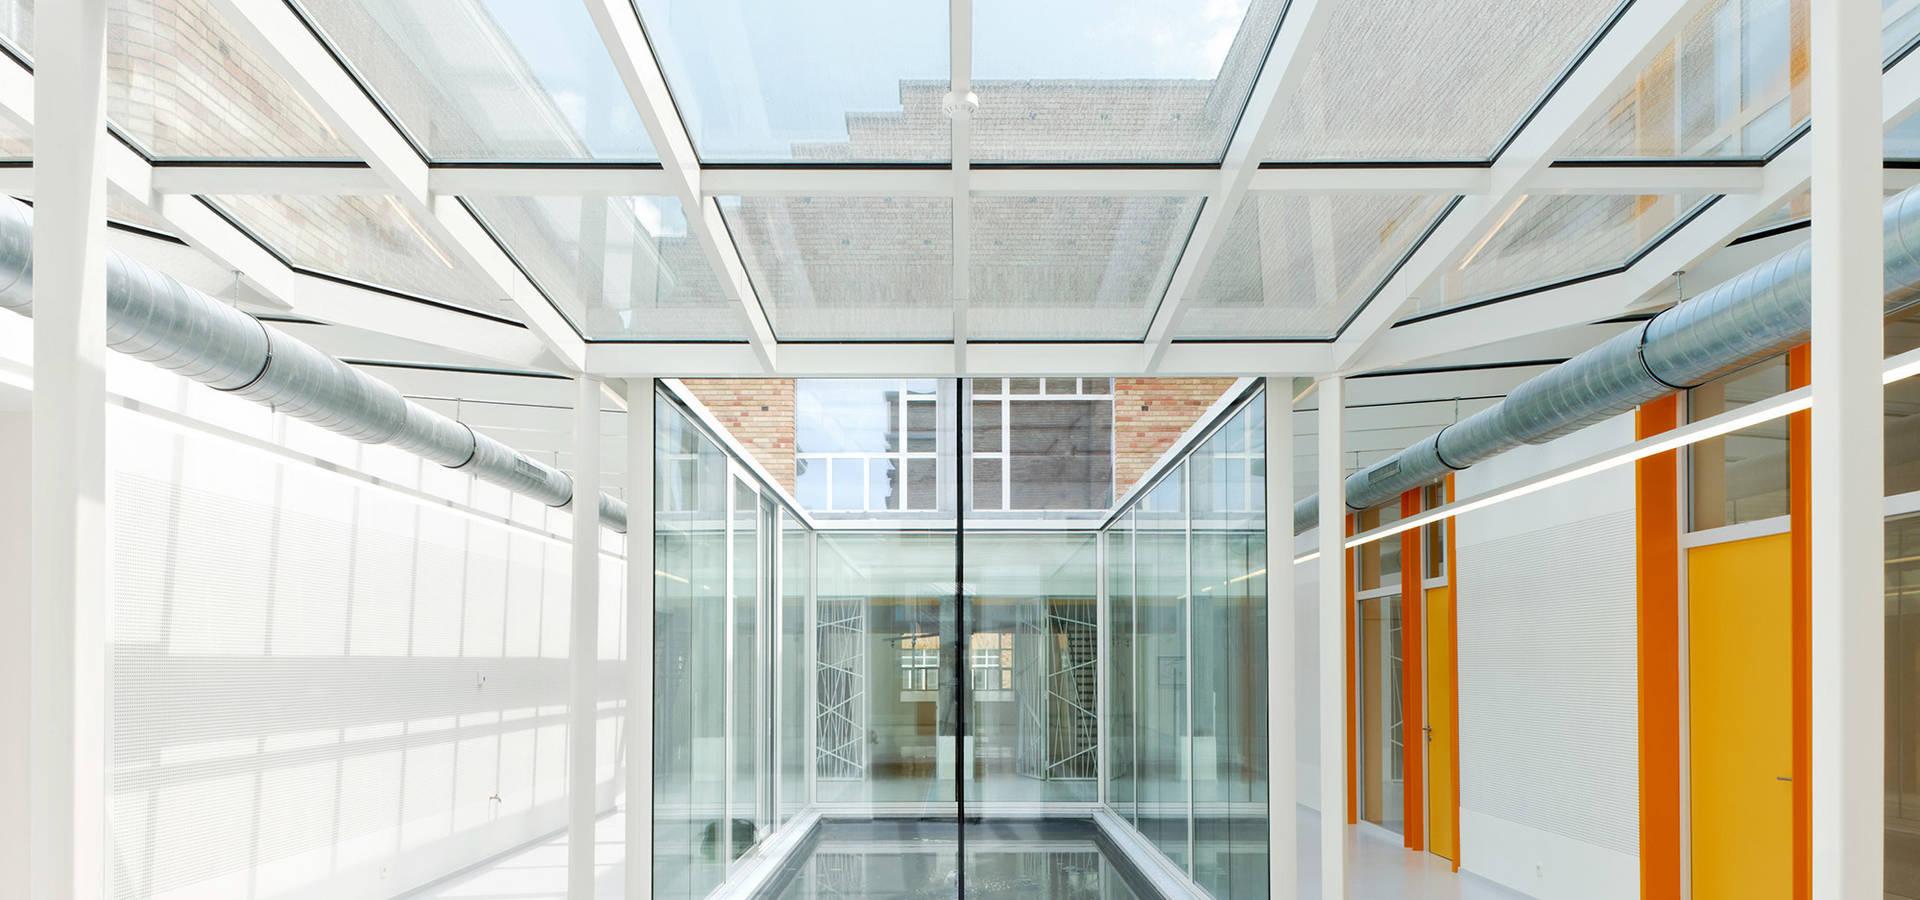 BAEB – Bureau d'architecture Emmanuel Bouffioux